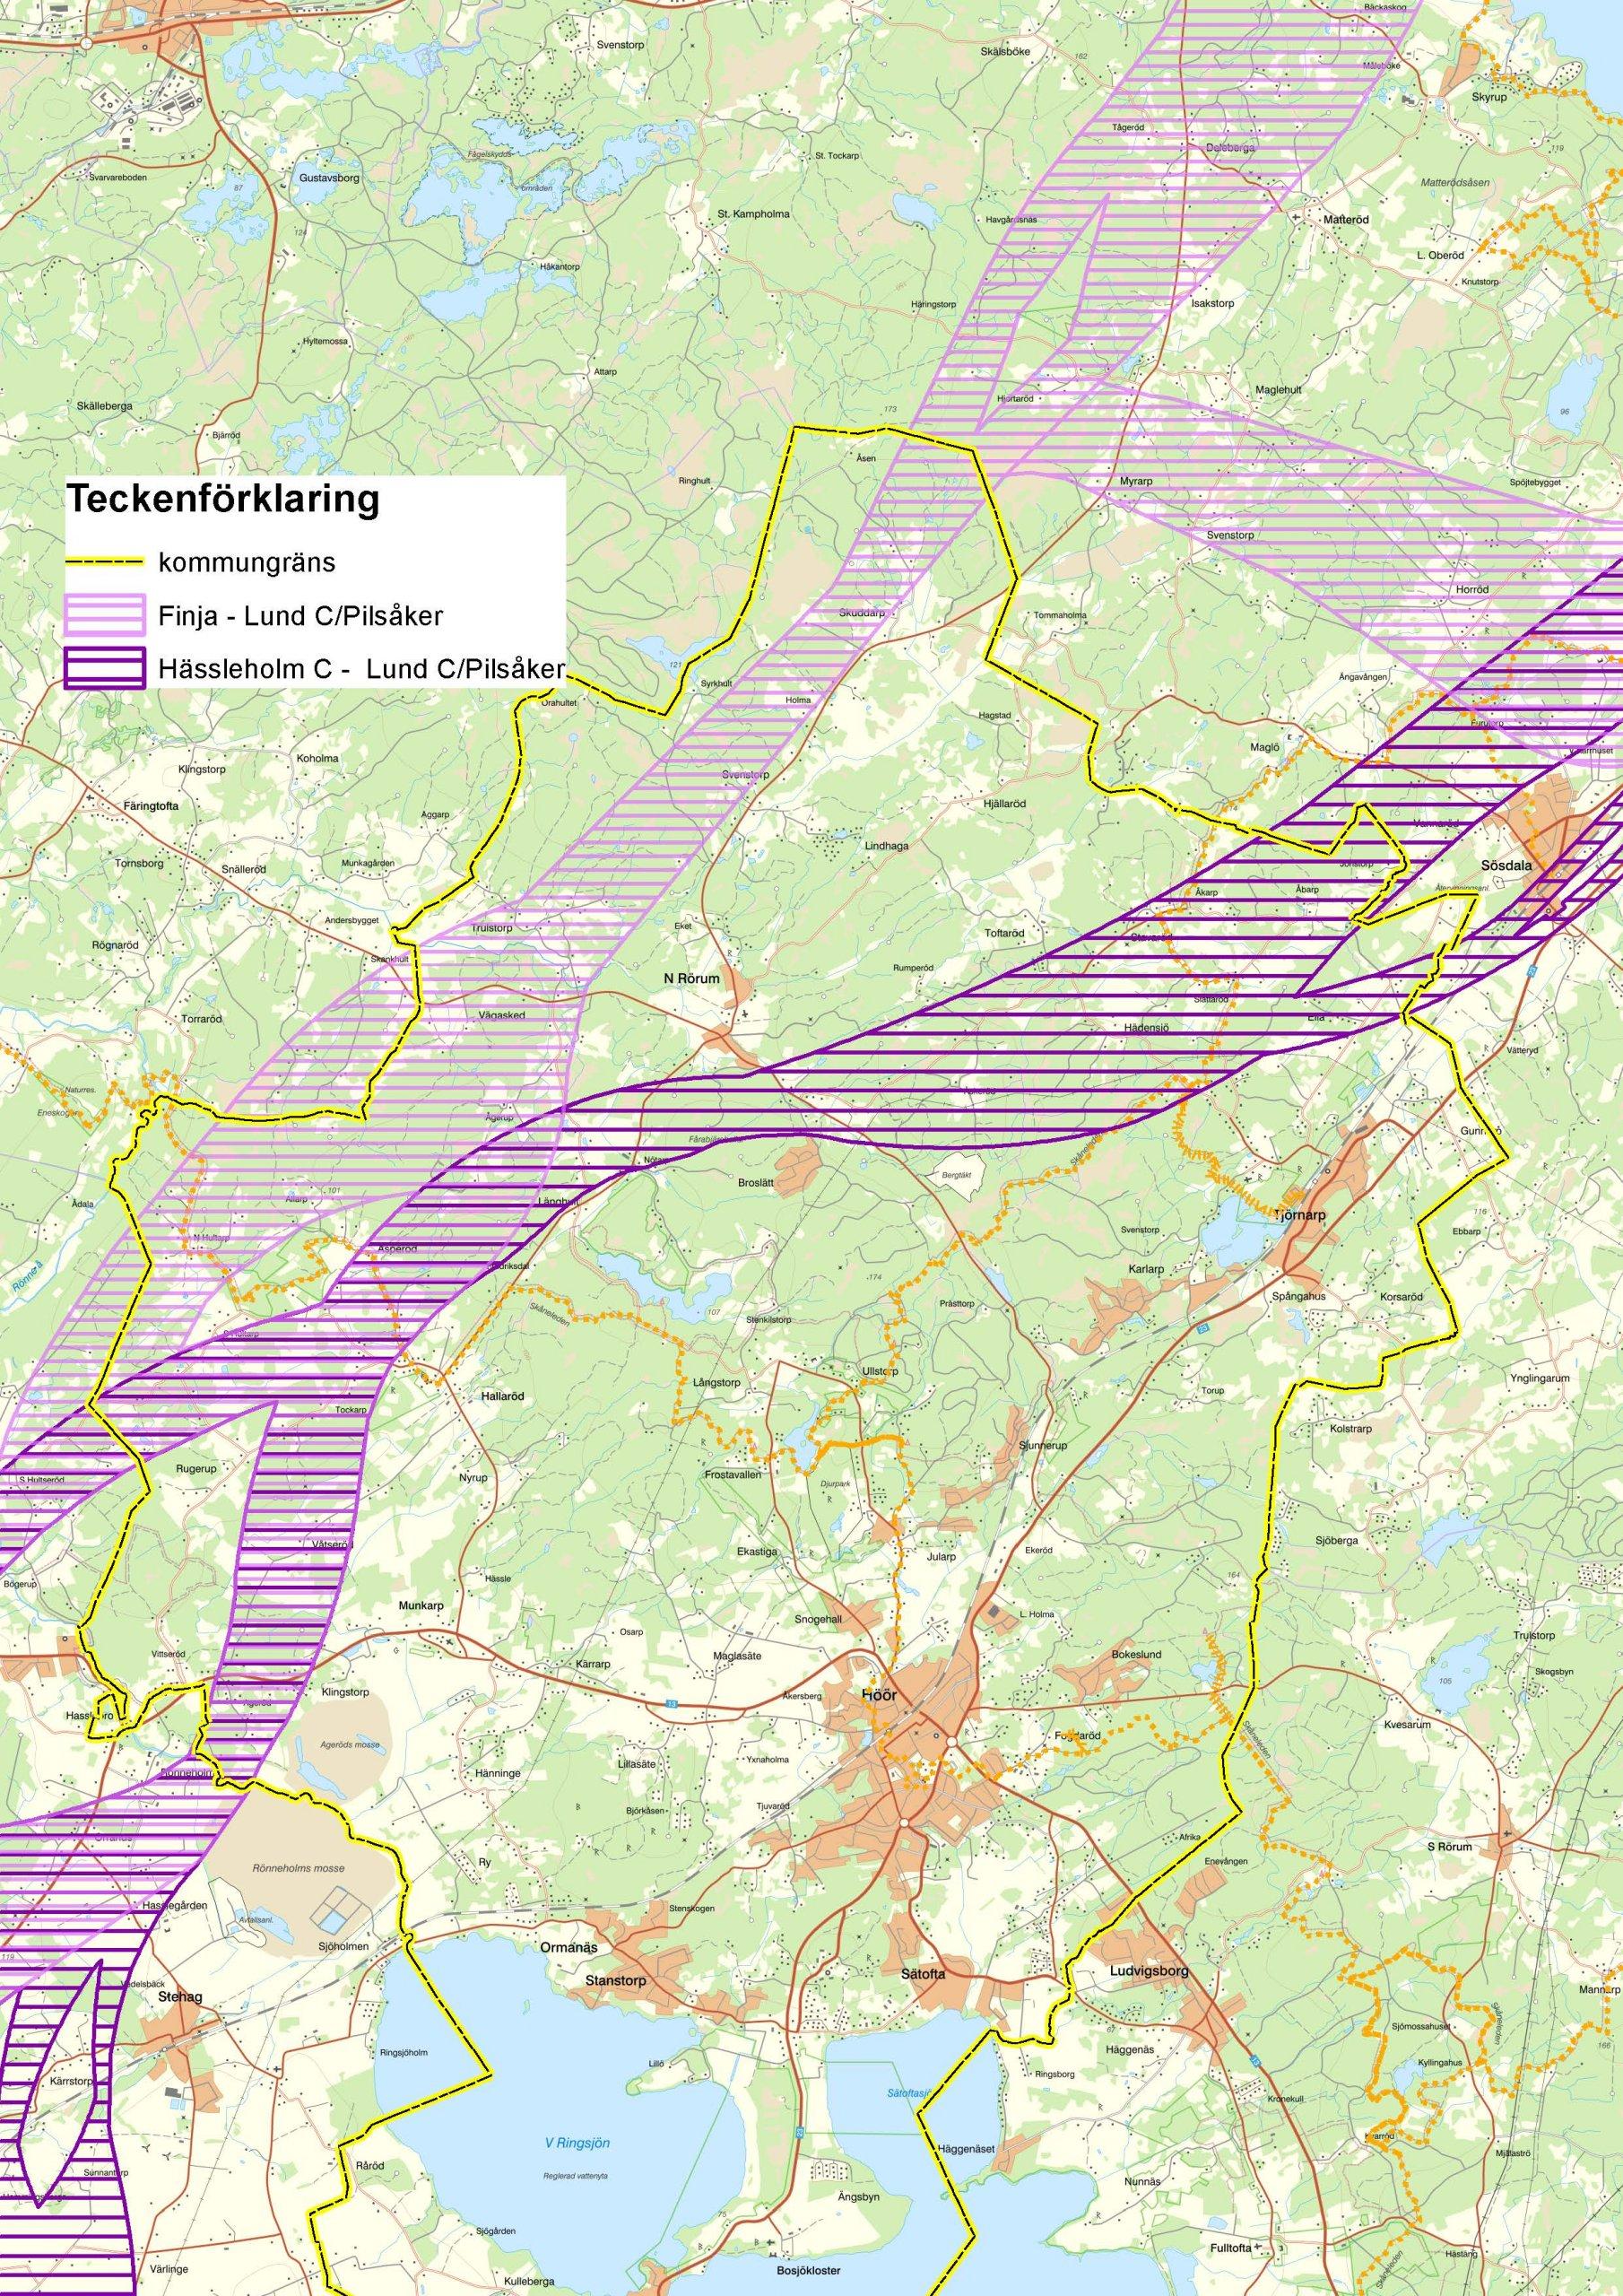 Lokaliseringsalternativ, korridorer, mellan Hässleholm och Lund.